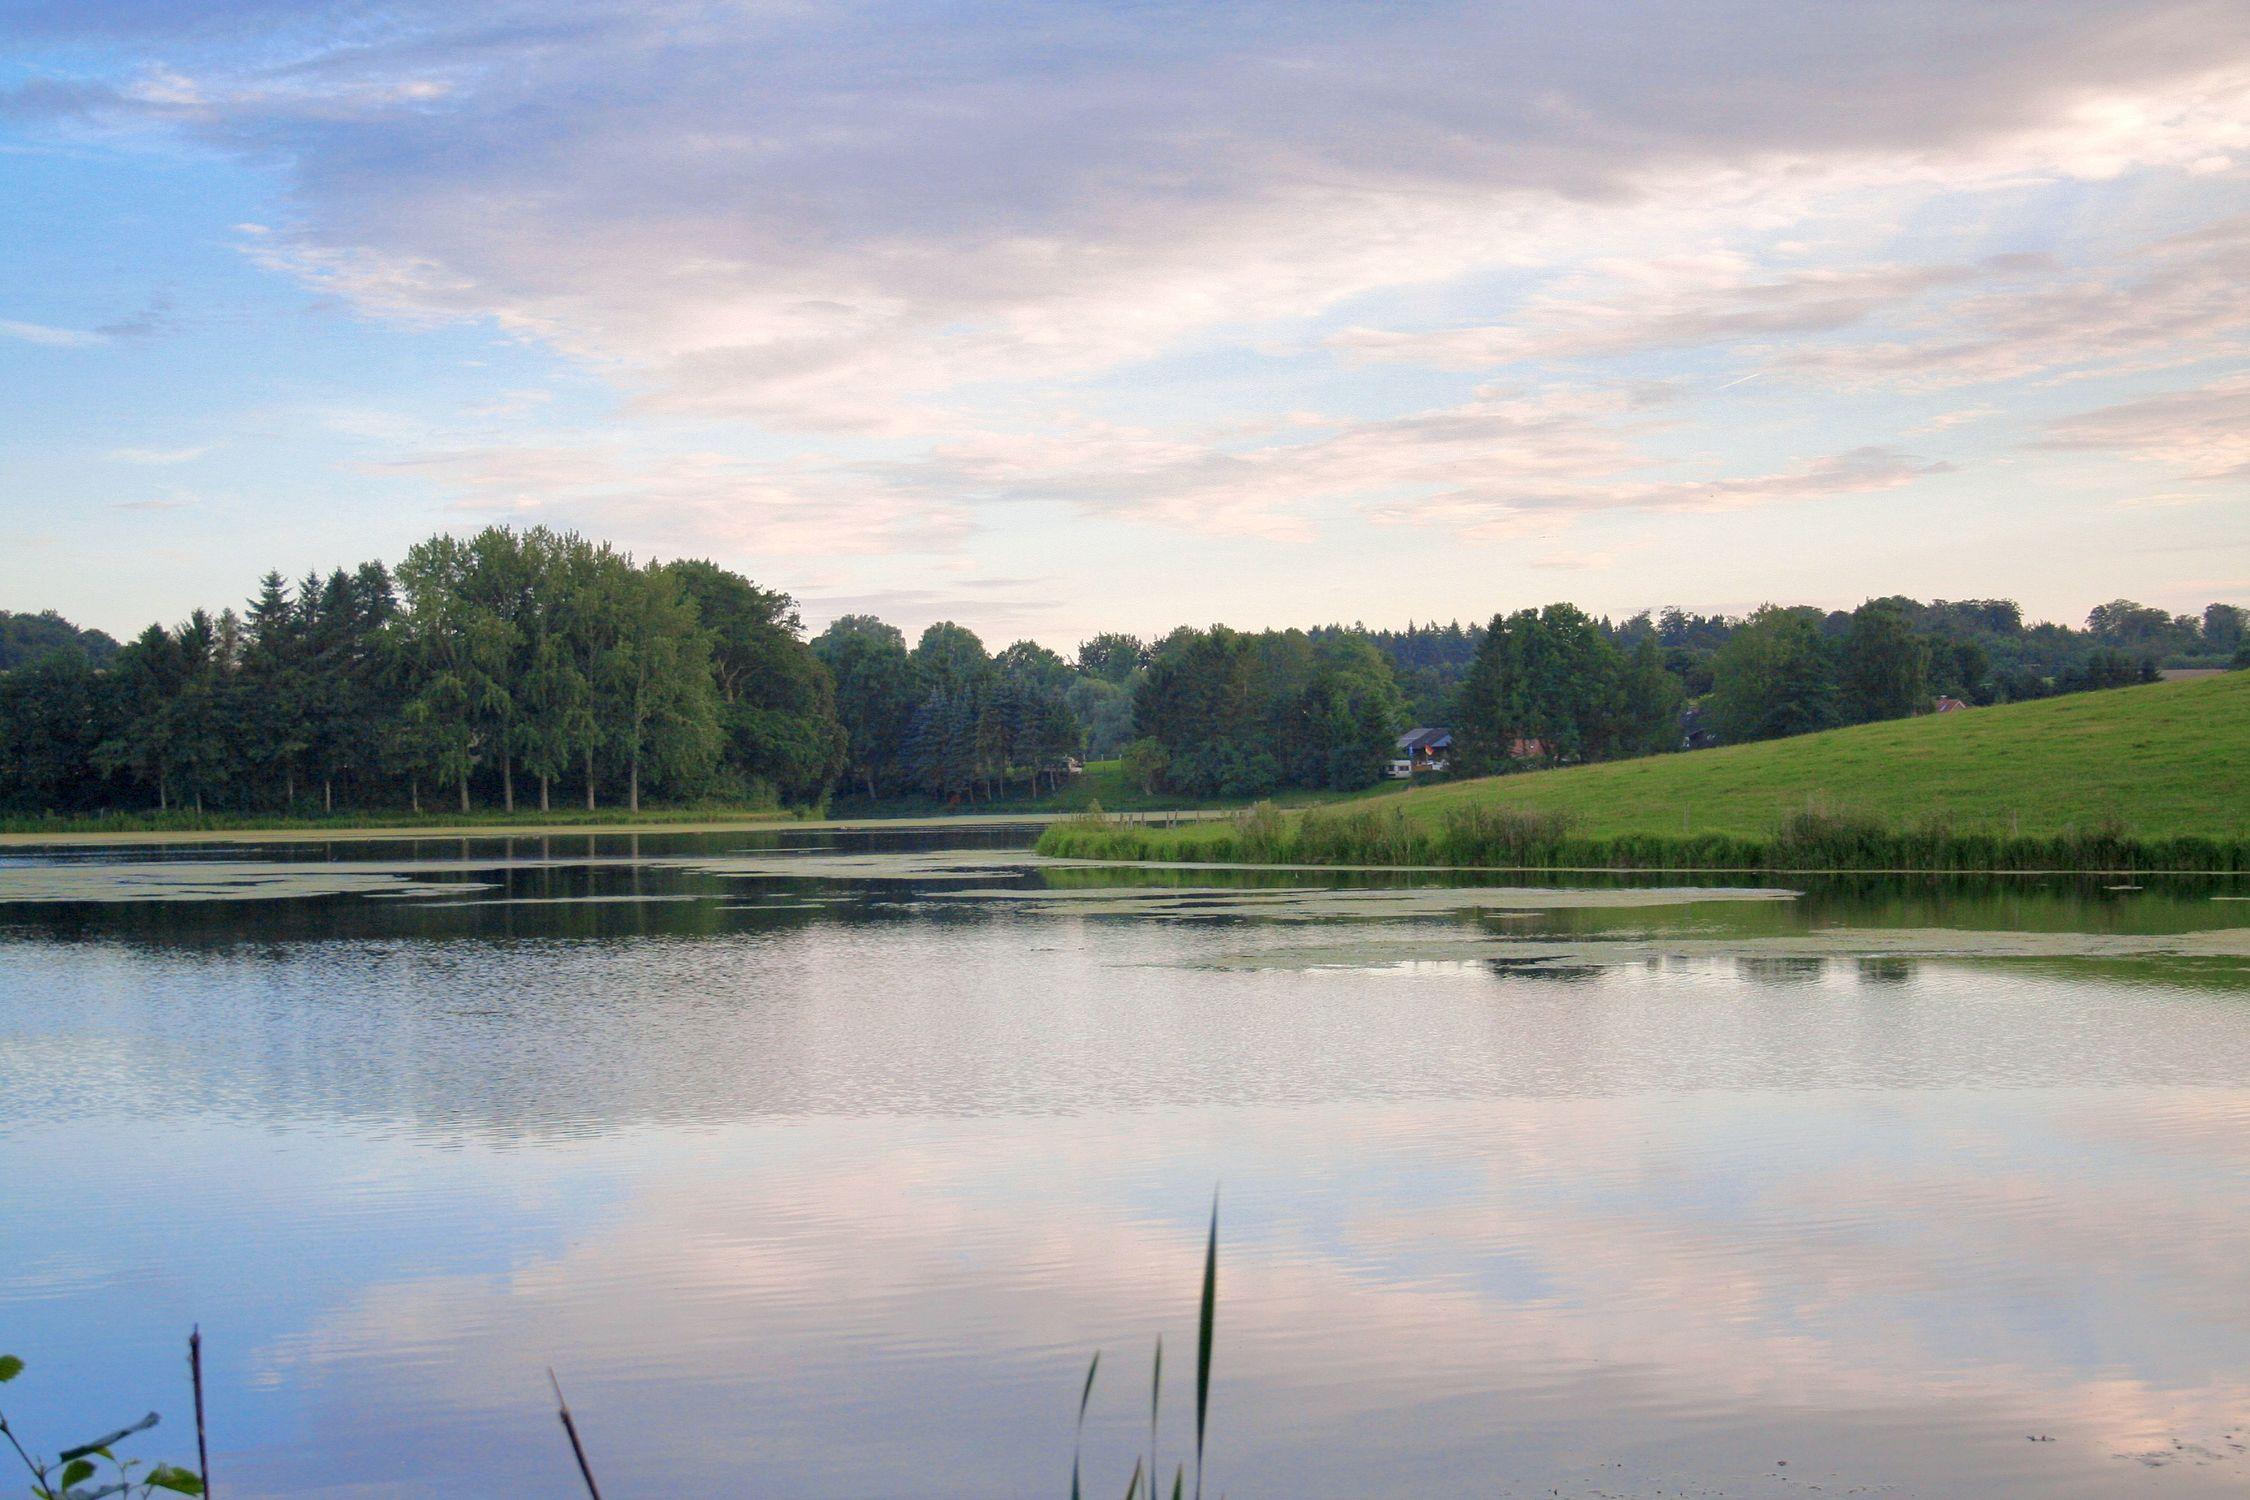 Bild mit Natur, Elemente, Wasser, Pflanzen, Landschaften, Himmel, Bäume, Wolken, Gewässer, Küsten und Ufer, Seen, Flüsse, Teiche, Architektur, Bauwerke, Dämme und Deiche, Stauseen